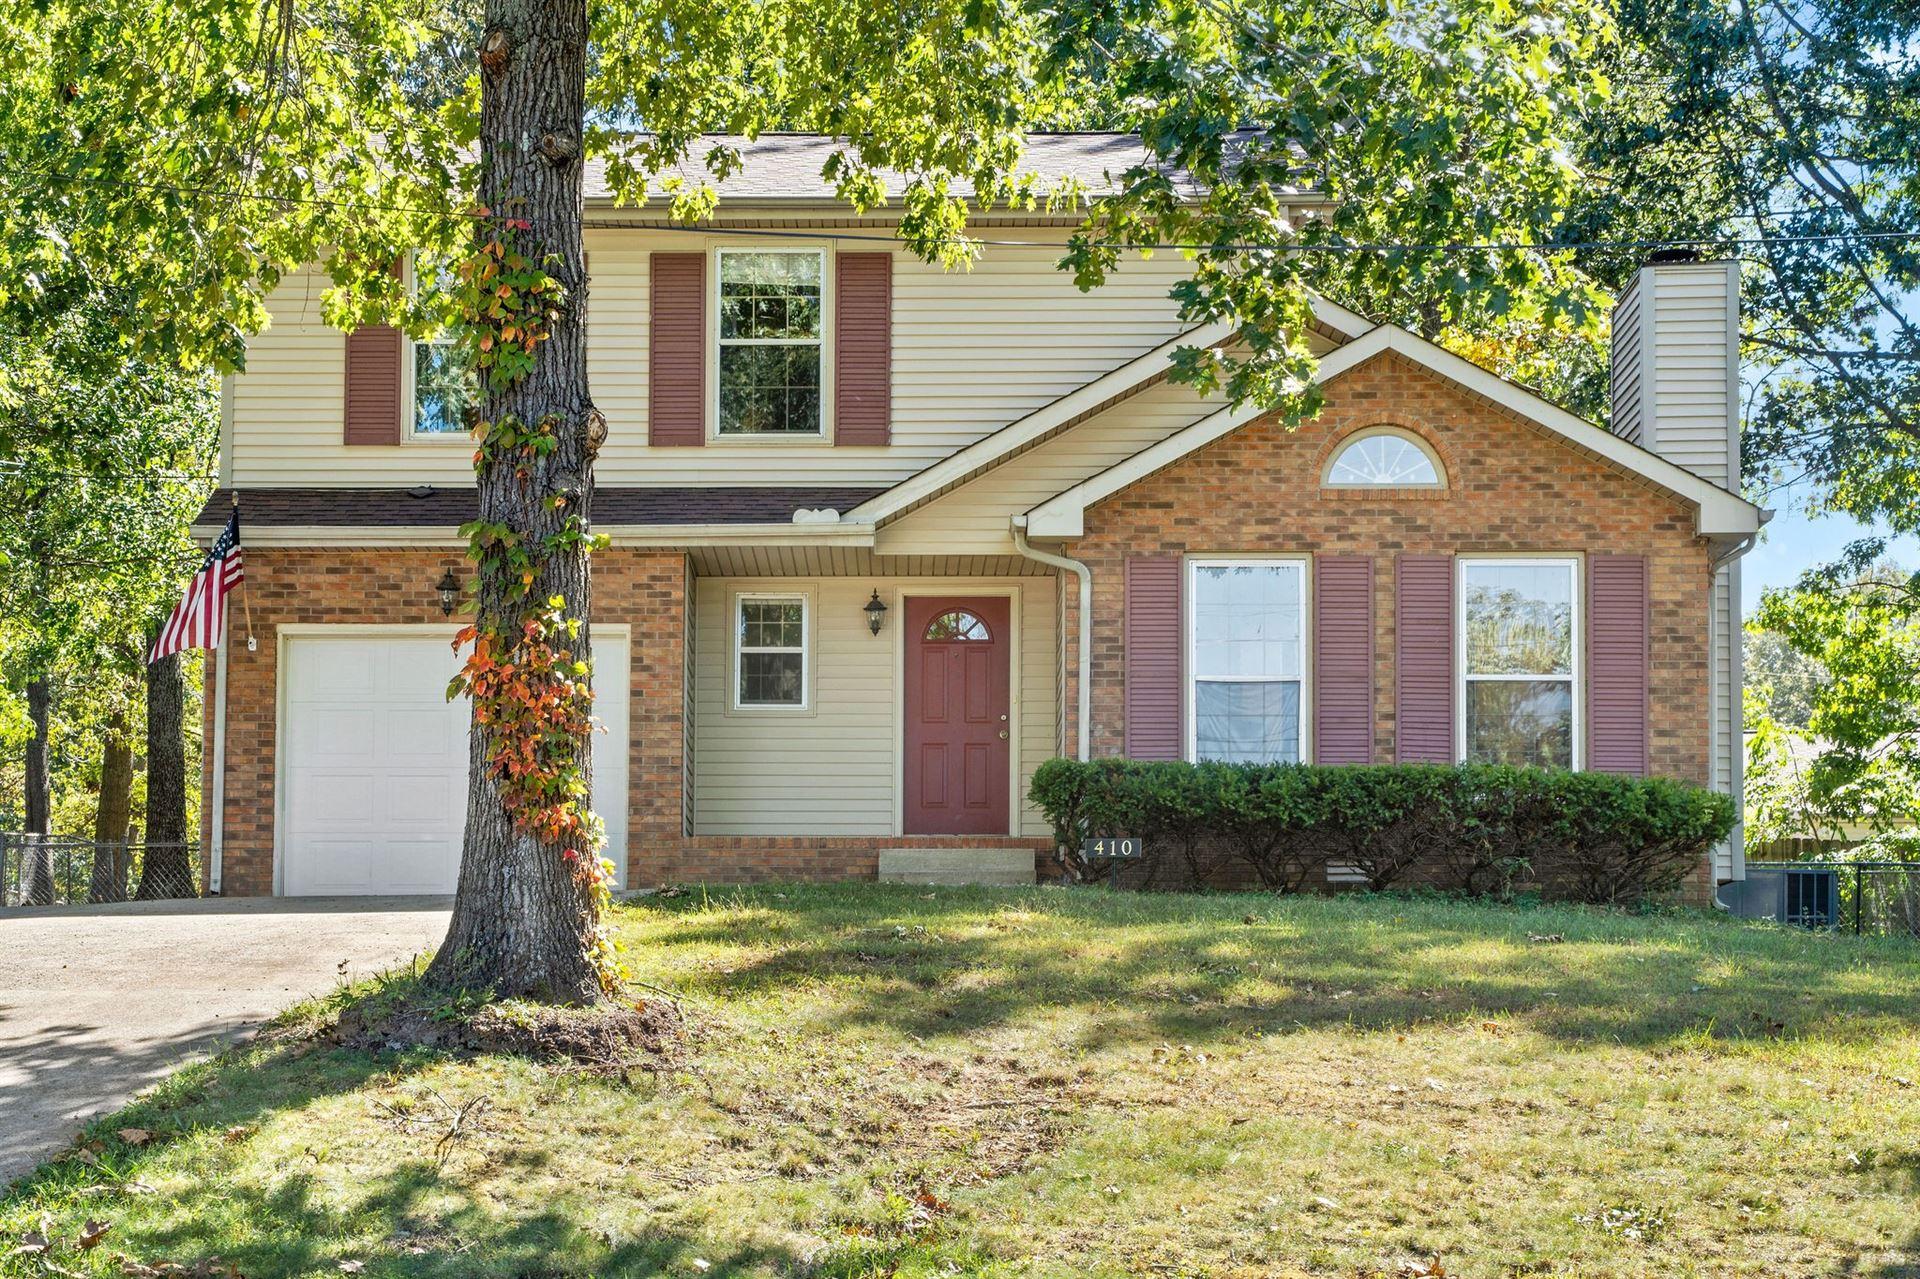 410 Bridlewood Rd, Clarksville, TN 37042 - MLS#: 2193980